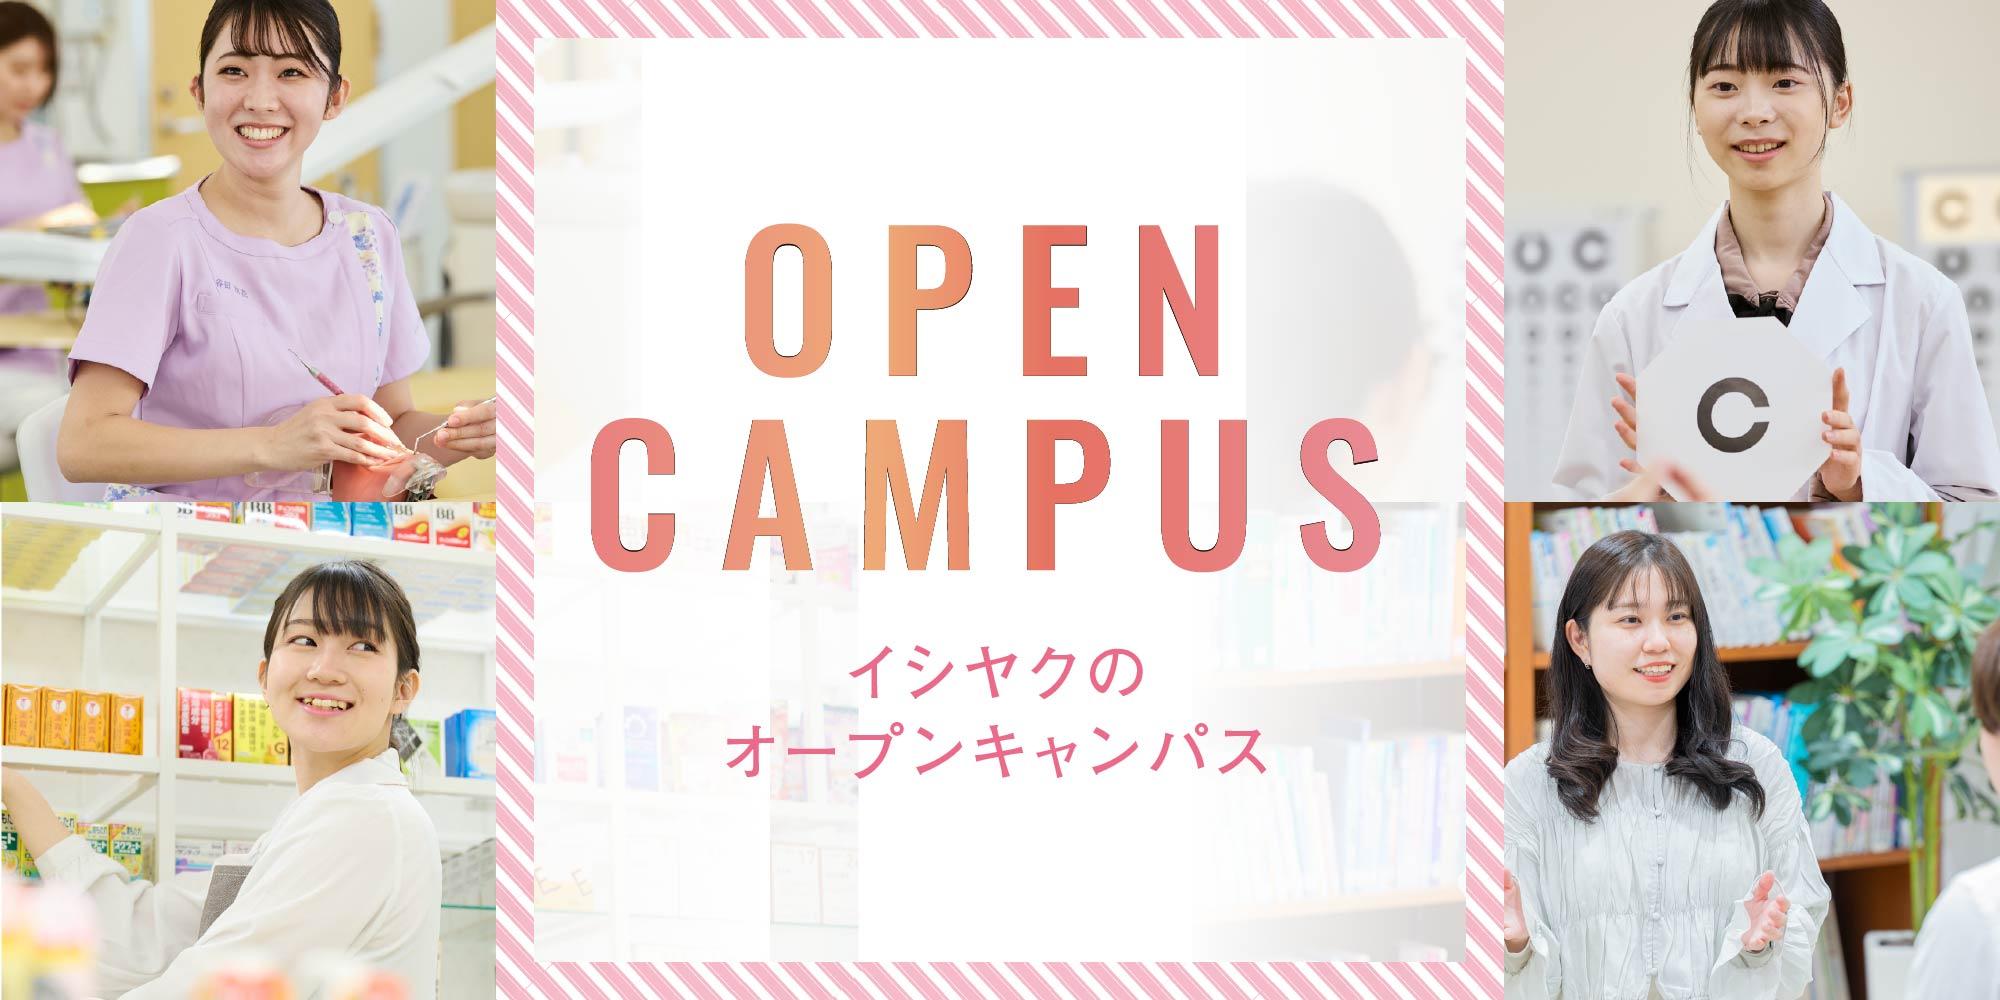 イシヤクのオープンキャンパス